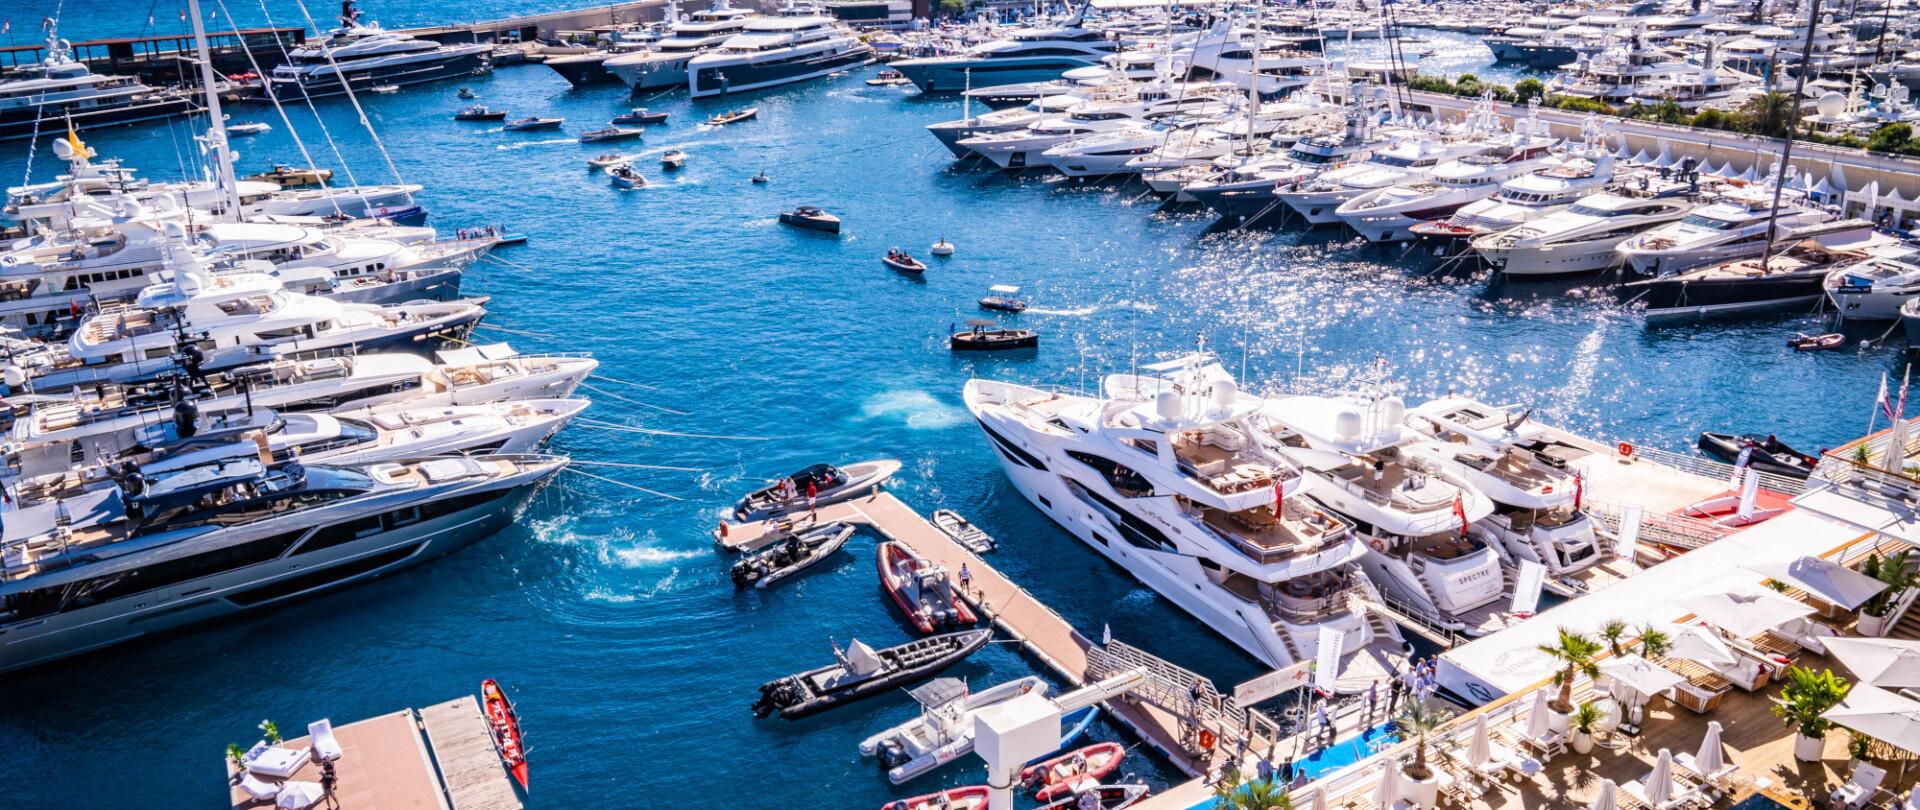 Edmiston at the 2019 Monaco Yacht Show photo 1